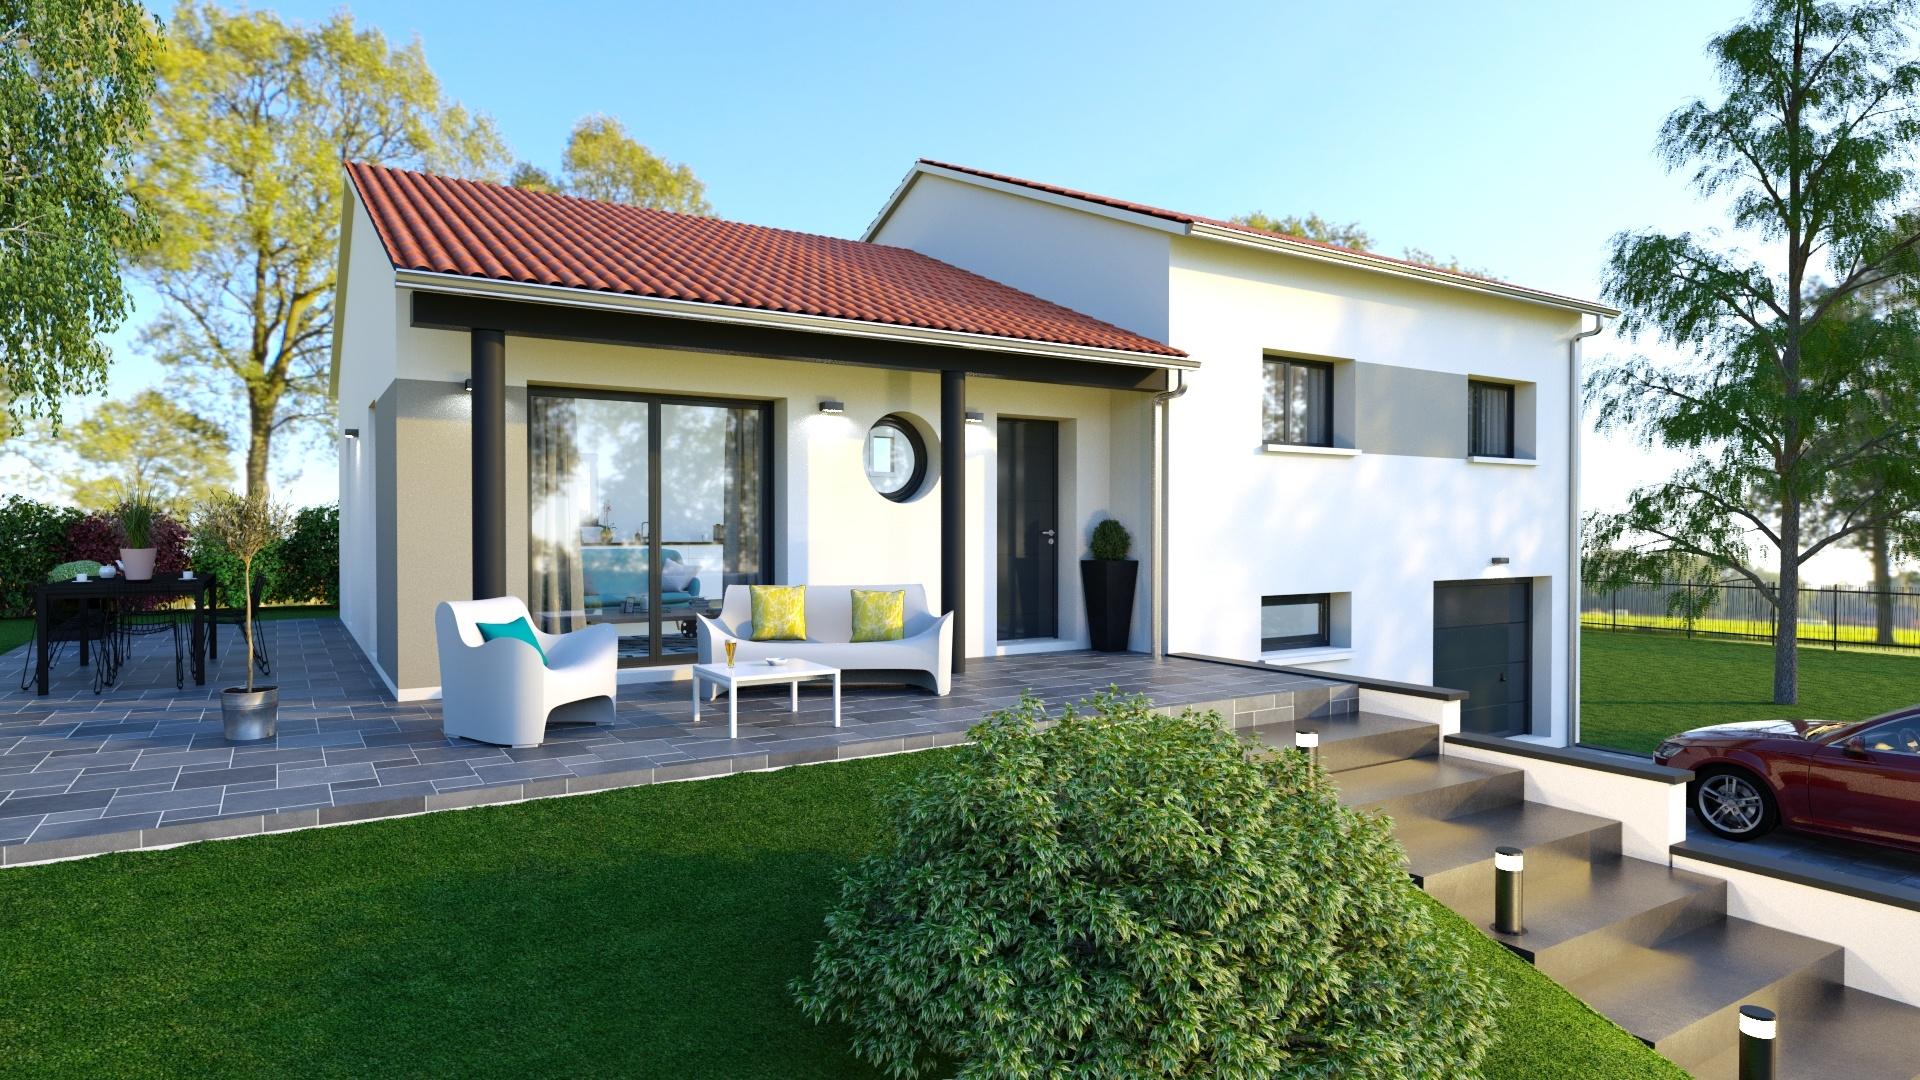 Maisons + Terrains du constructeur LOGIVELAY • 90 m² • SAINT GERMAIN LAPRADE